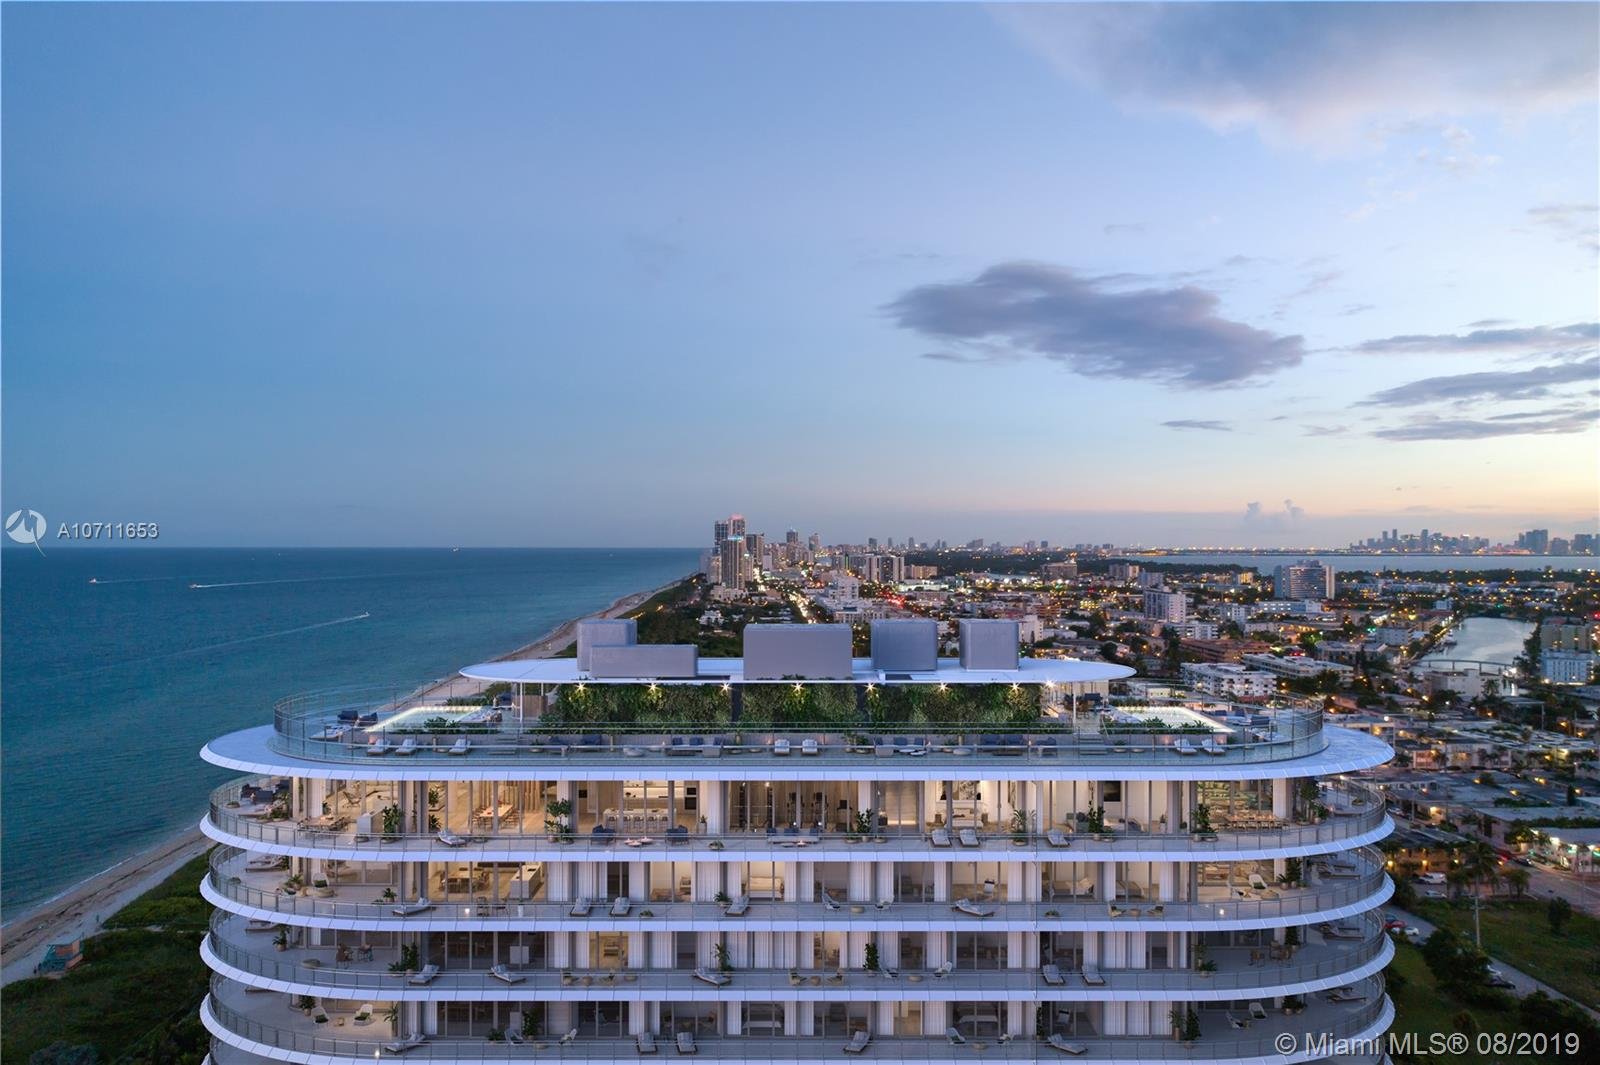 8701 Collins Avenue, 306 - Miami Beach, Florida